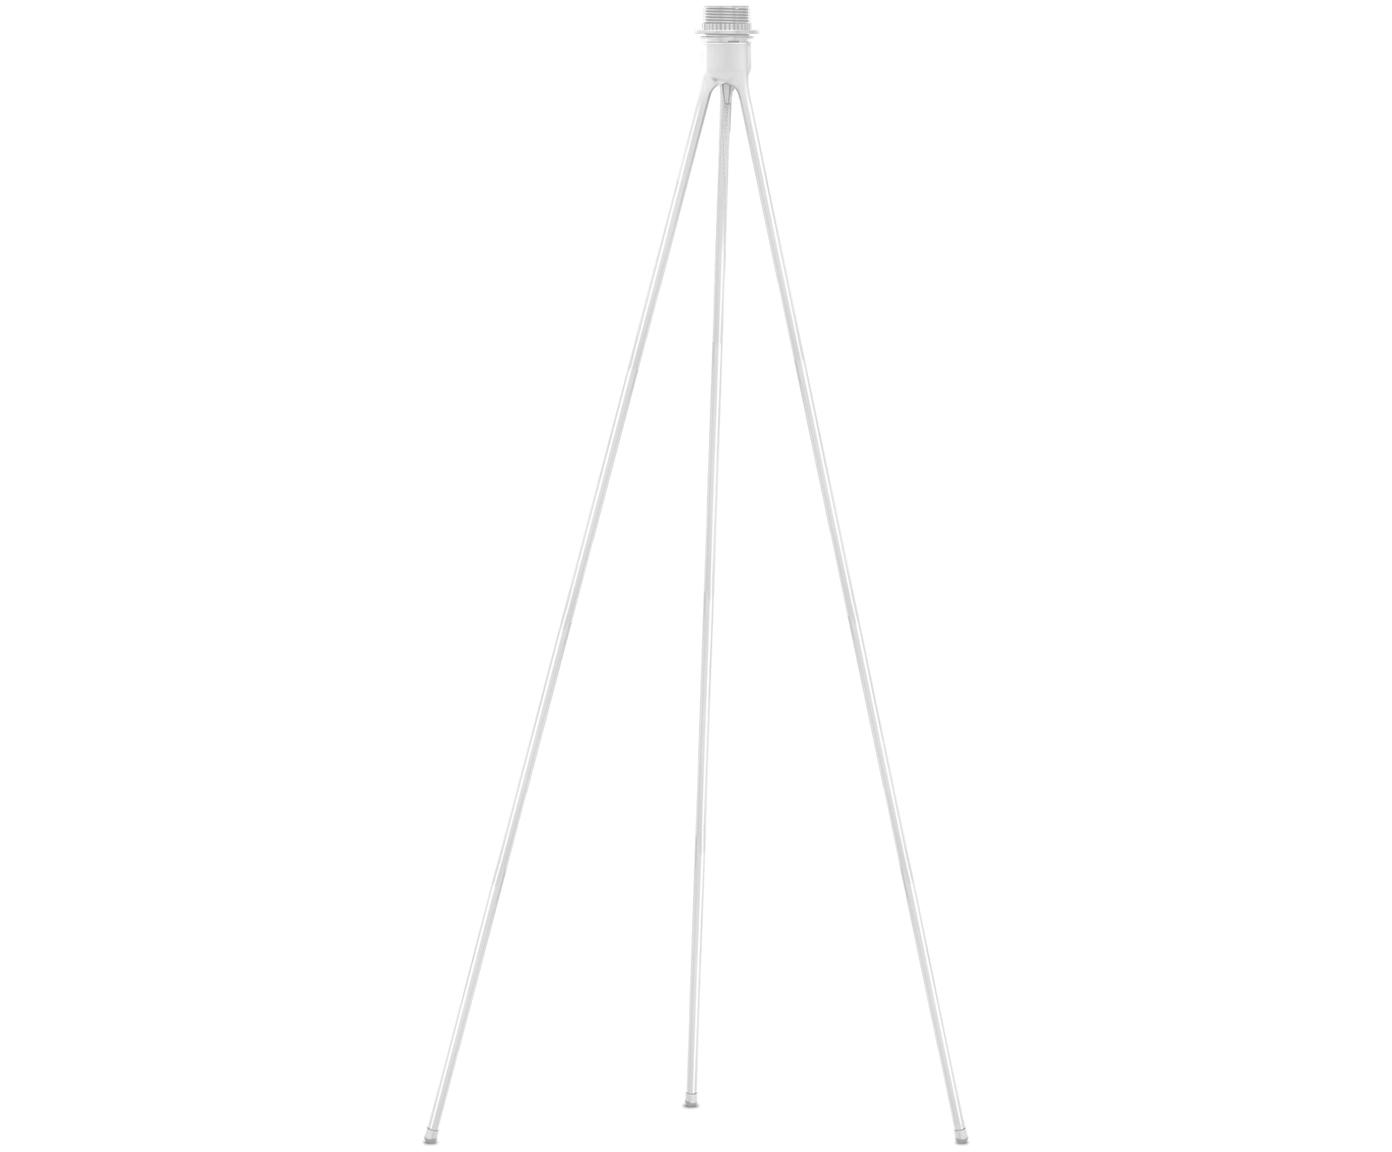 Podstawa lampy podłogowej Tripod, Biały, Ø 50 x W 109 cm